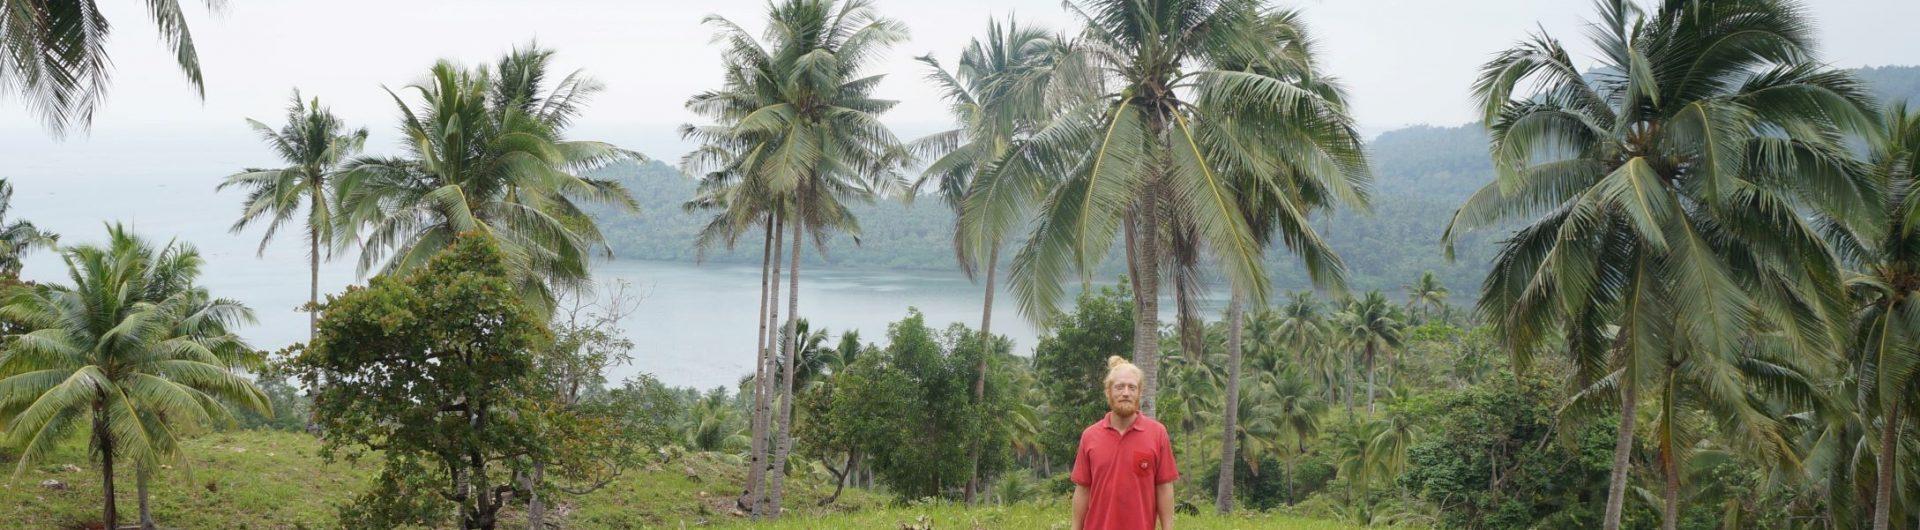 Nils-Erik och palmer